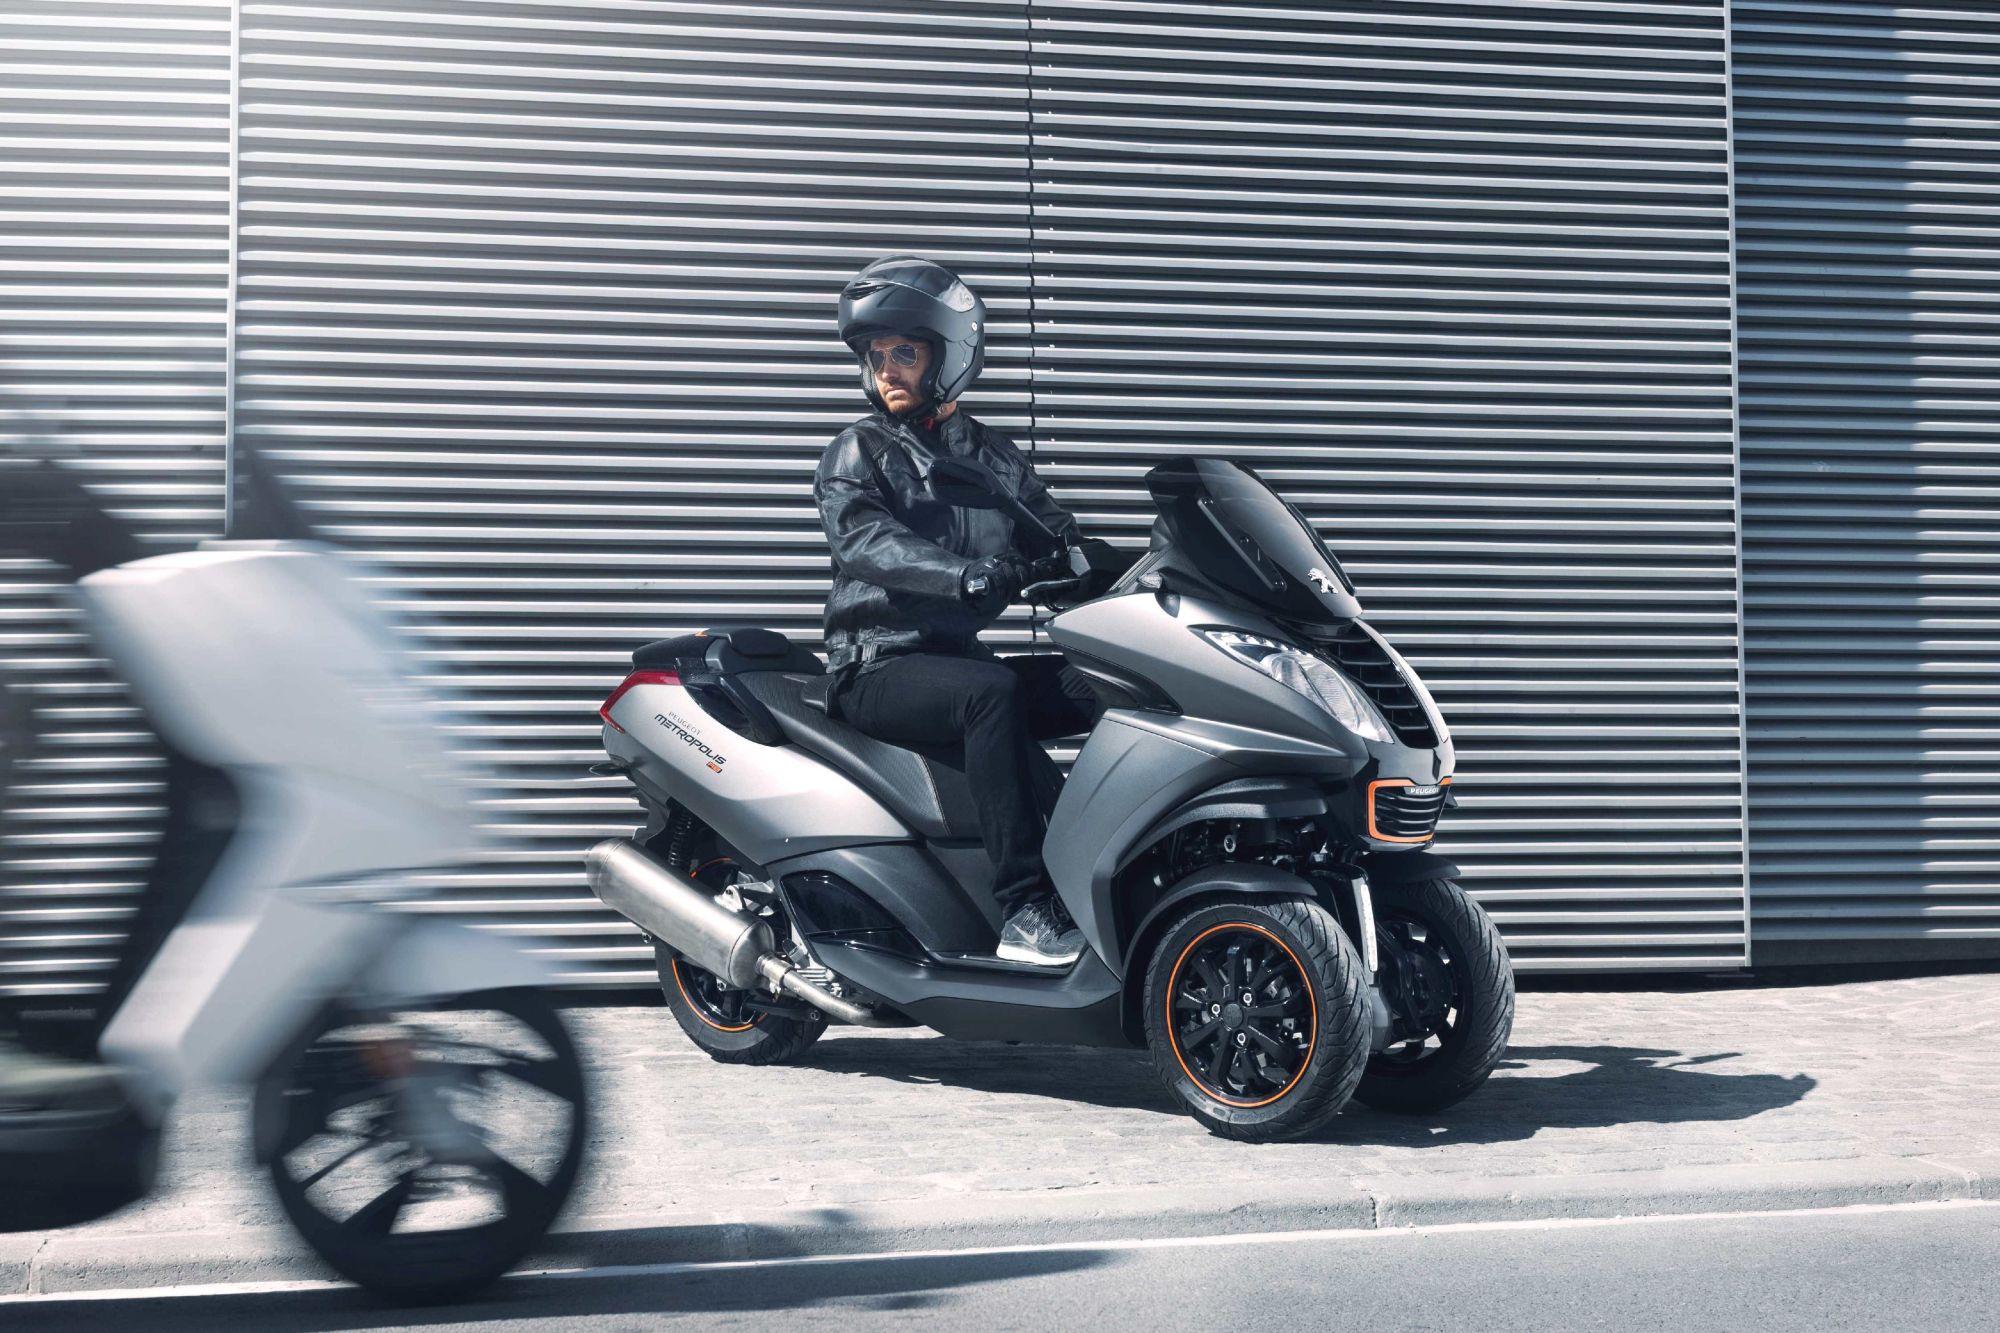 gebrauchte und neue peugeot metropolis 400i rs motorräder kaufen